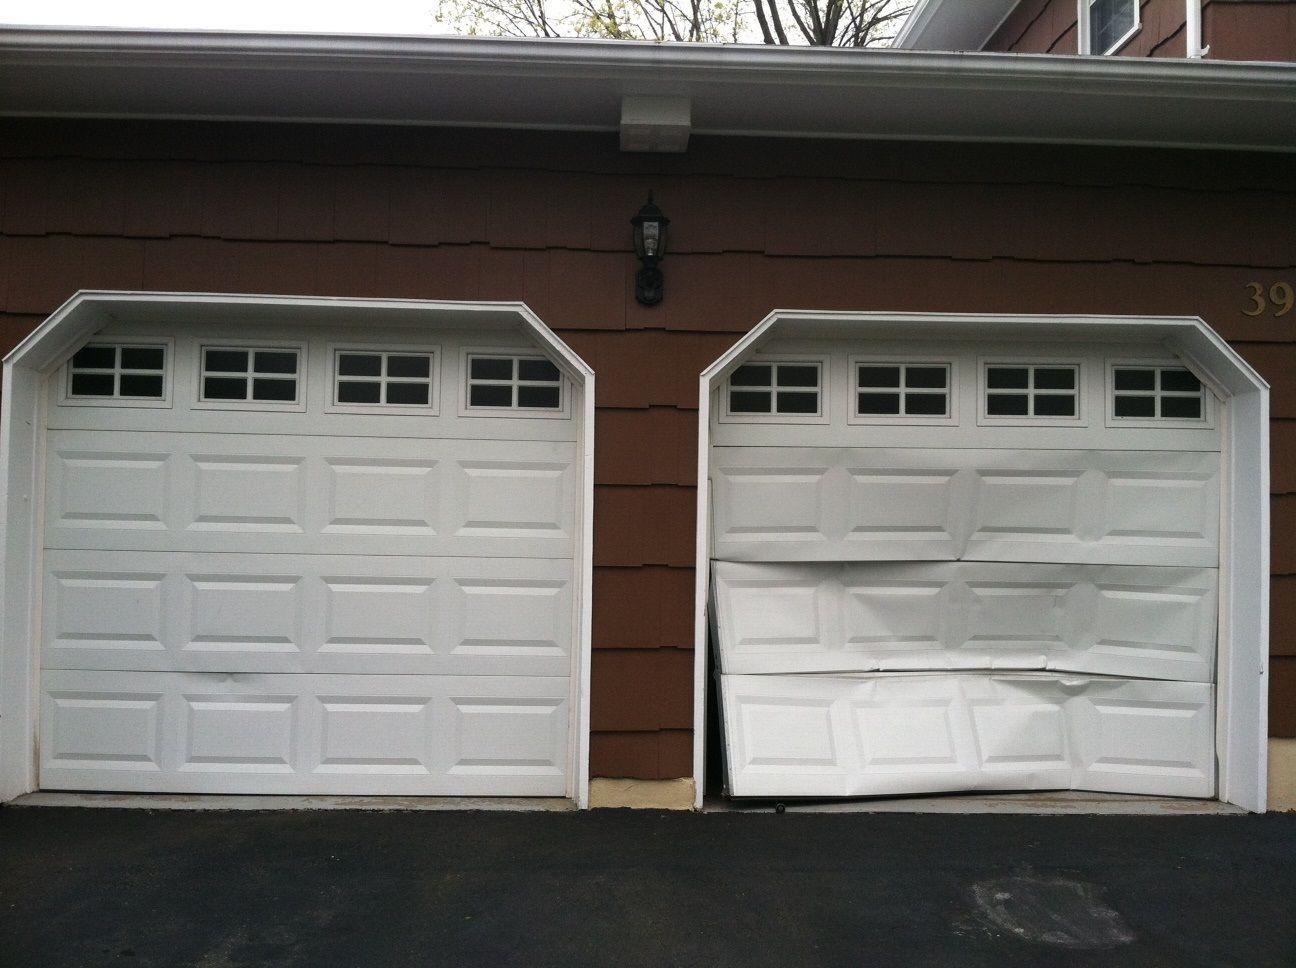 Call Us 713 473 8168 For Garage Door Repair And Installation In Dallas And Houston Garage Door Repair Door Repair Garage Door Installation